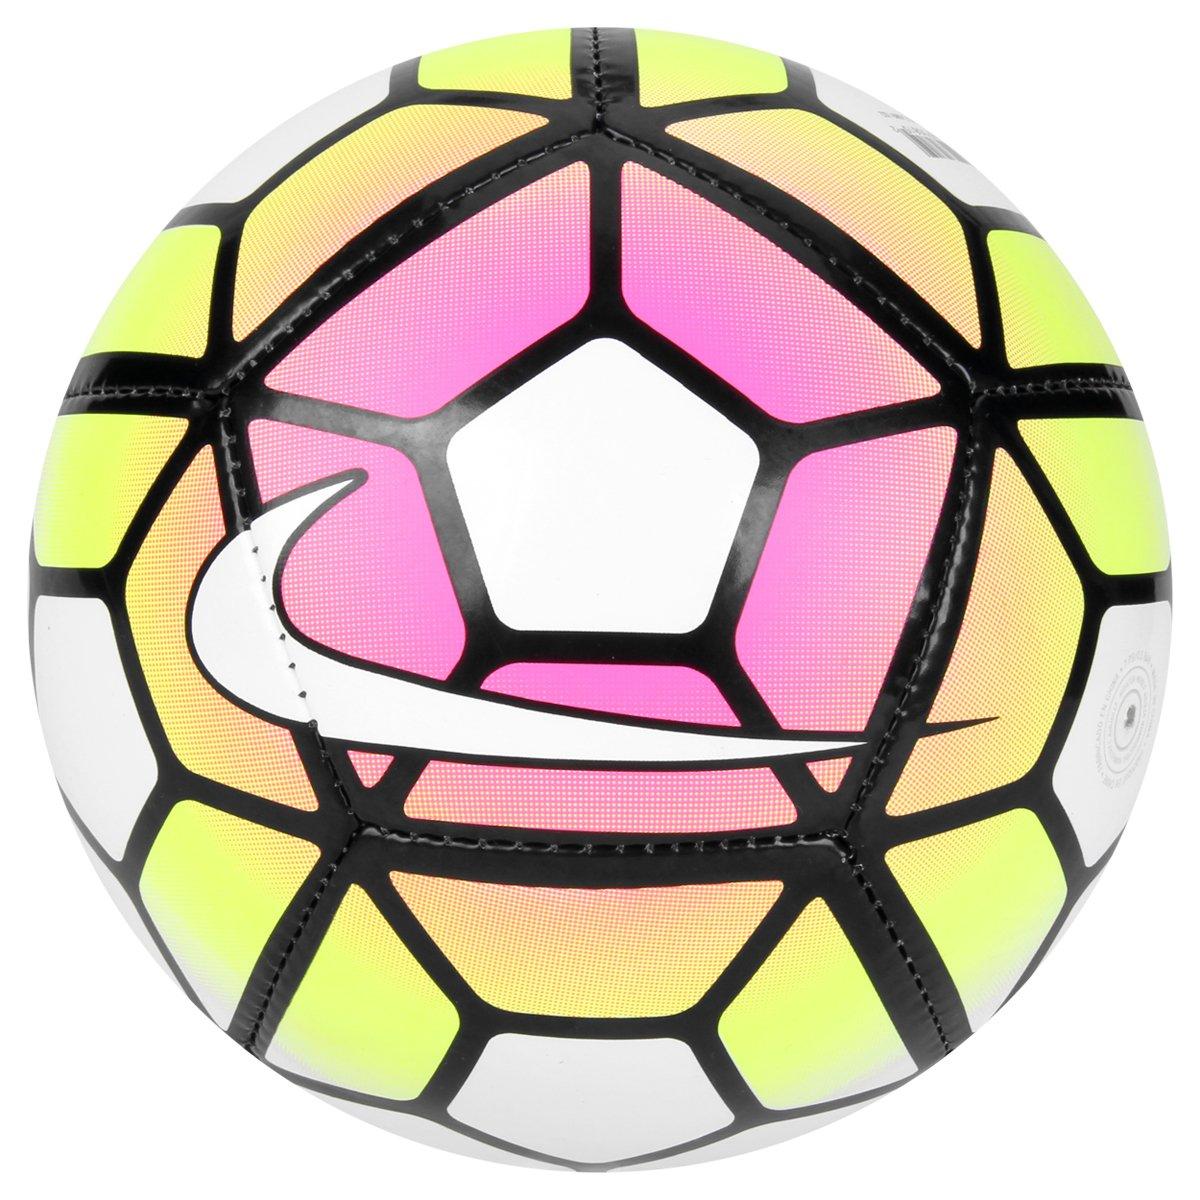 MiniBola Futebol Nike Skills - Compre Agora  19823becb5770